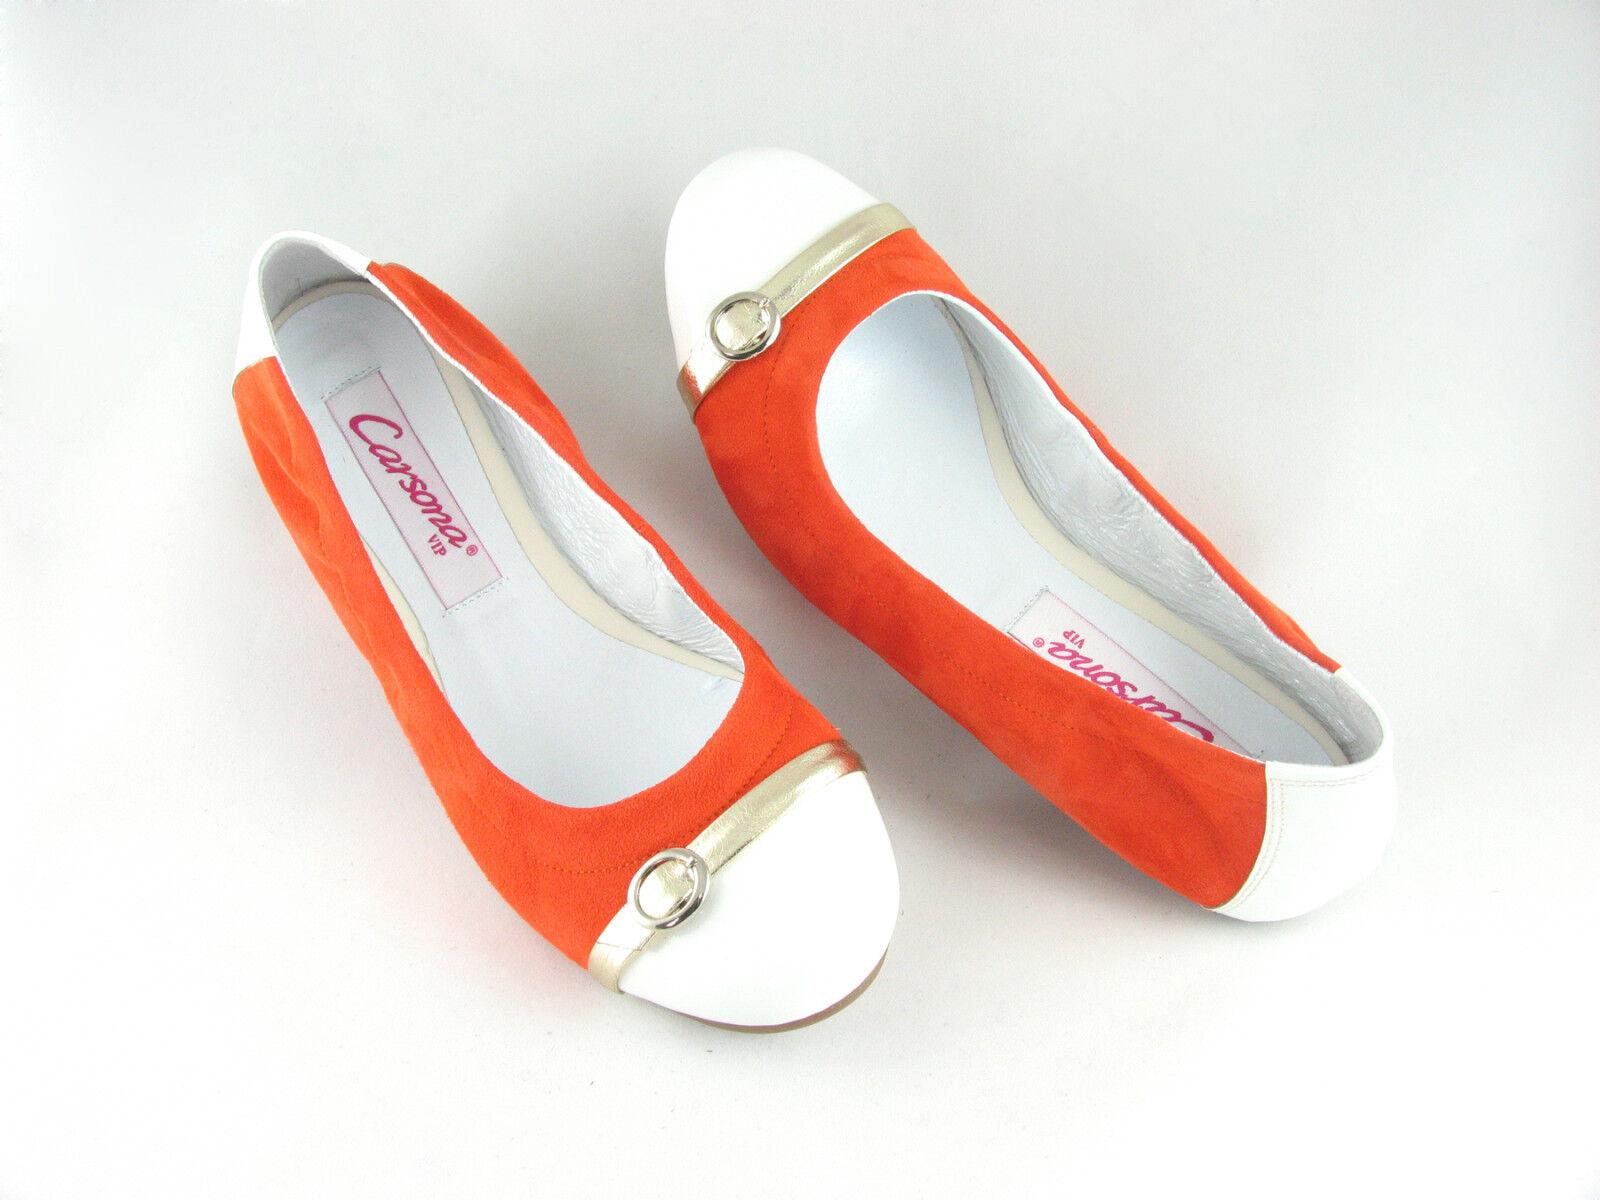 Edelste Ballerinas Slipper Leder Soft Flats Damen Slipper Ballerinas orange / weiß Gr. 36, 37, 38 97da0b